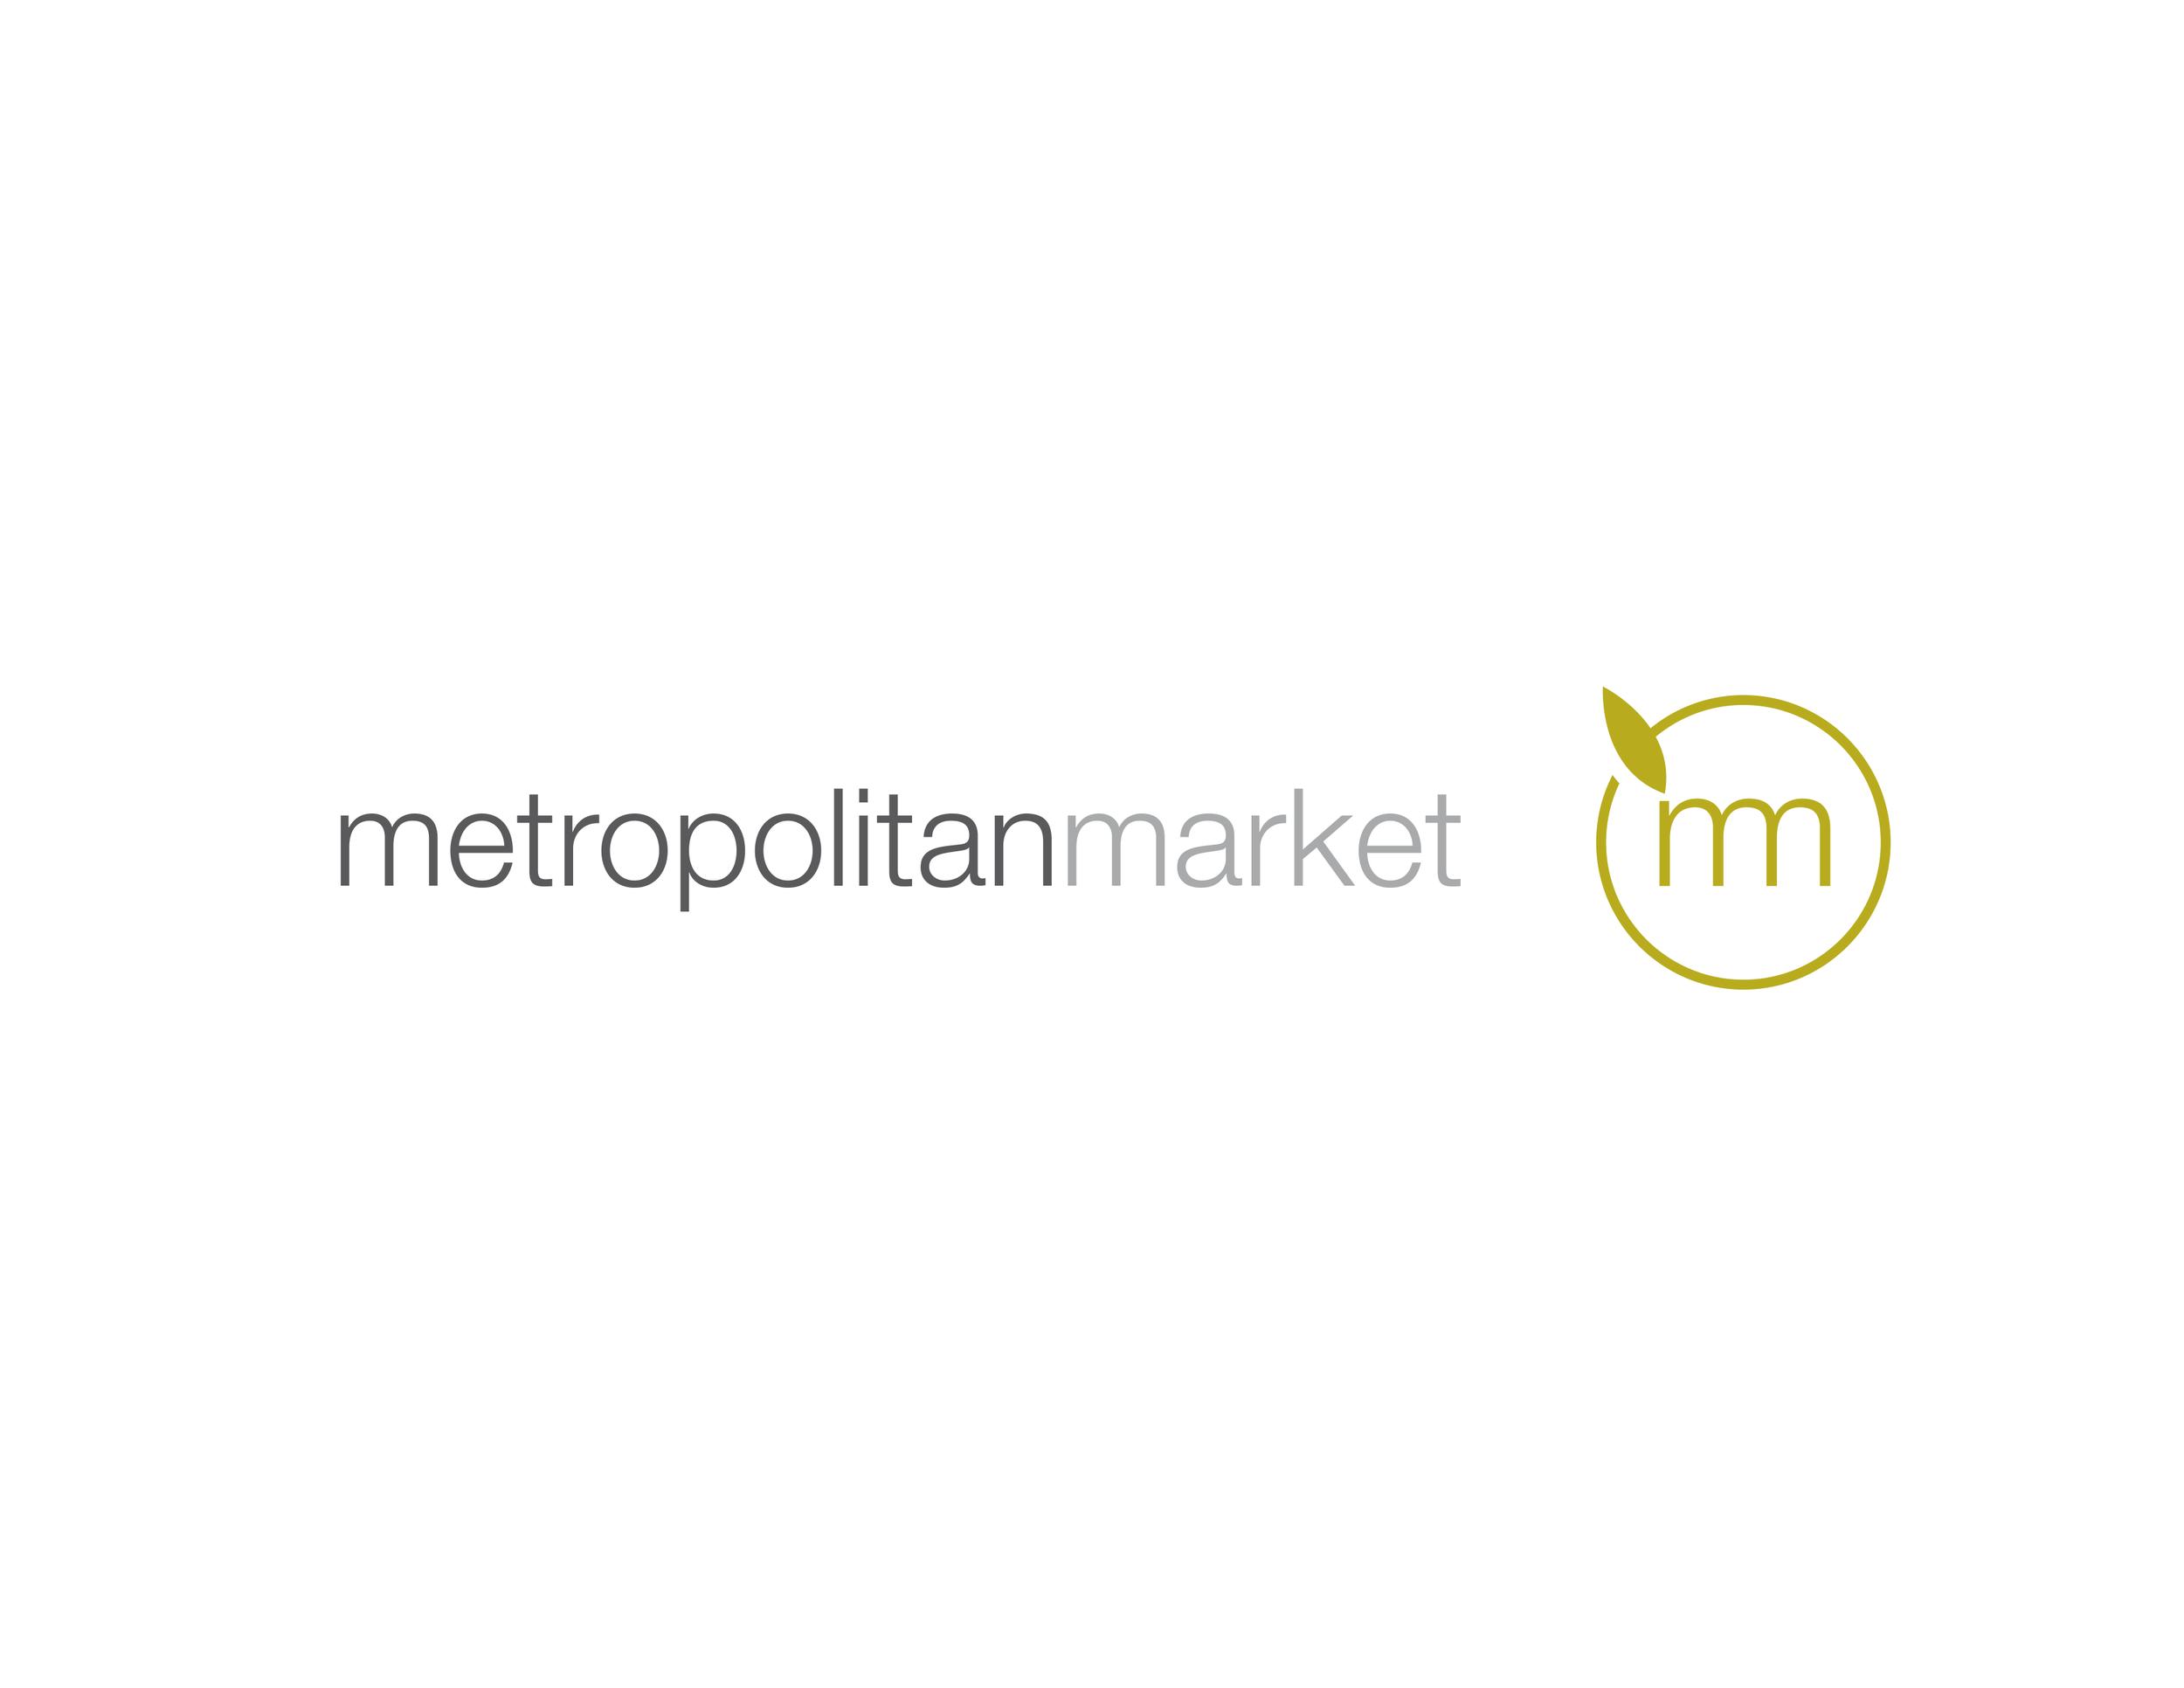 MM_logo_horizontal_2Color_no_reg.png